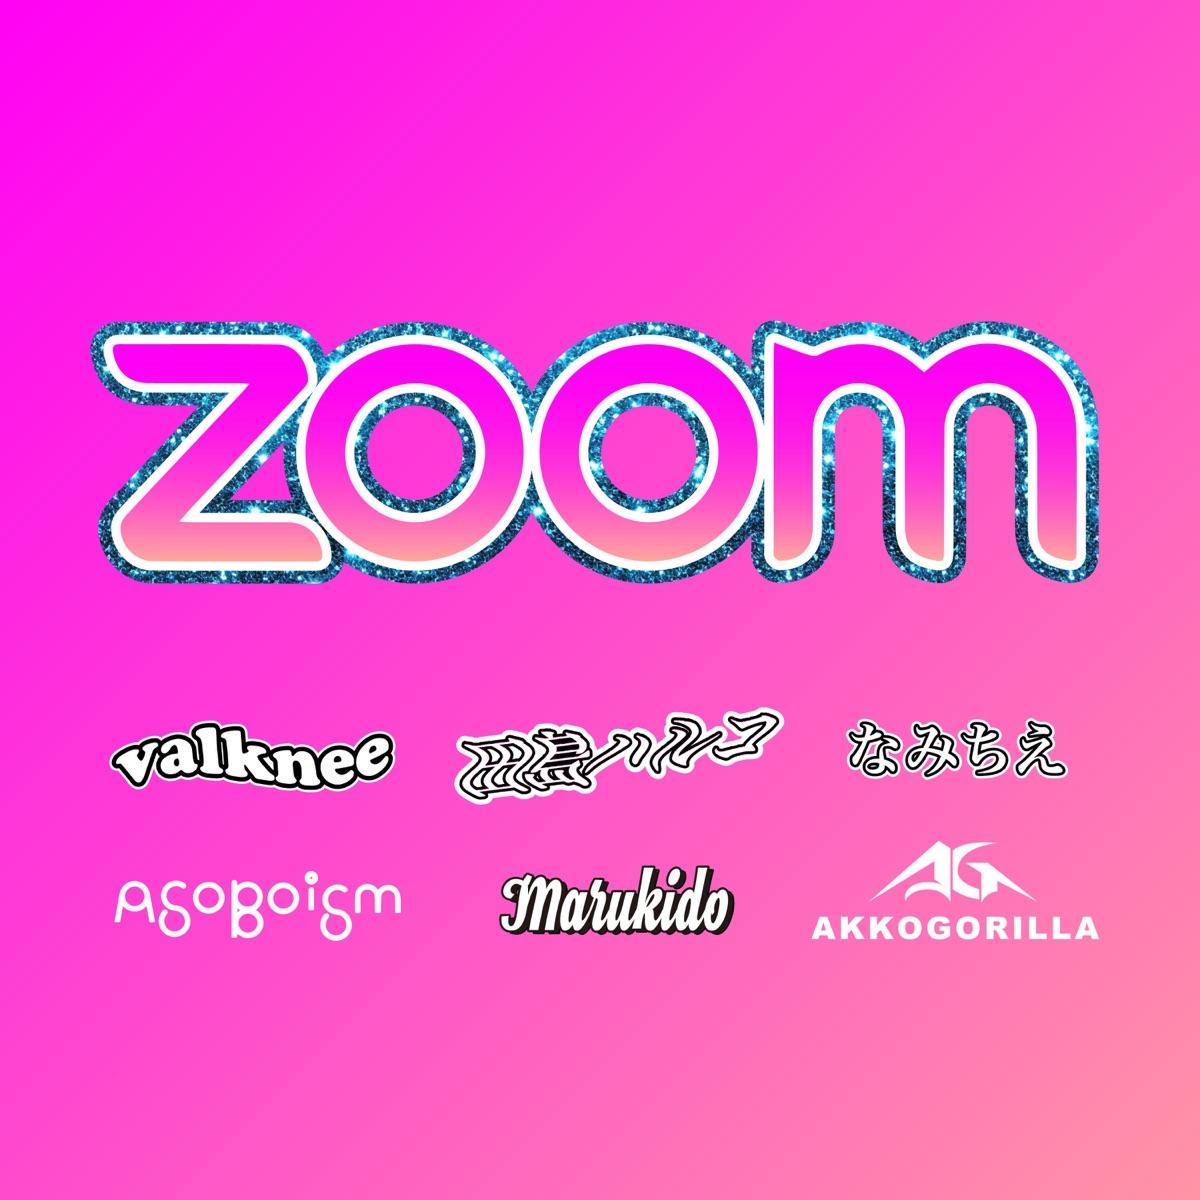 『valknee, 田島ハルコ, なみちえ, ASOBOiSM, Marukido & あっこゴリラ - Zoom』収録の『Zoom』ジャケット